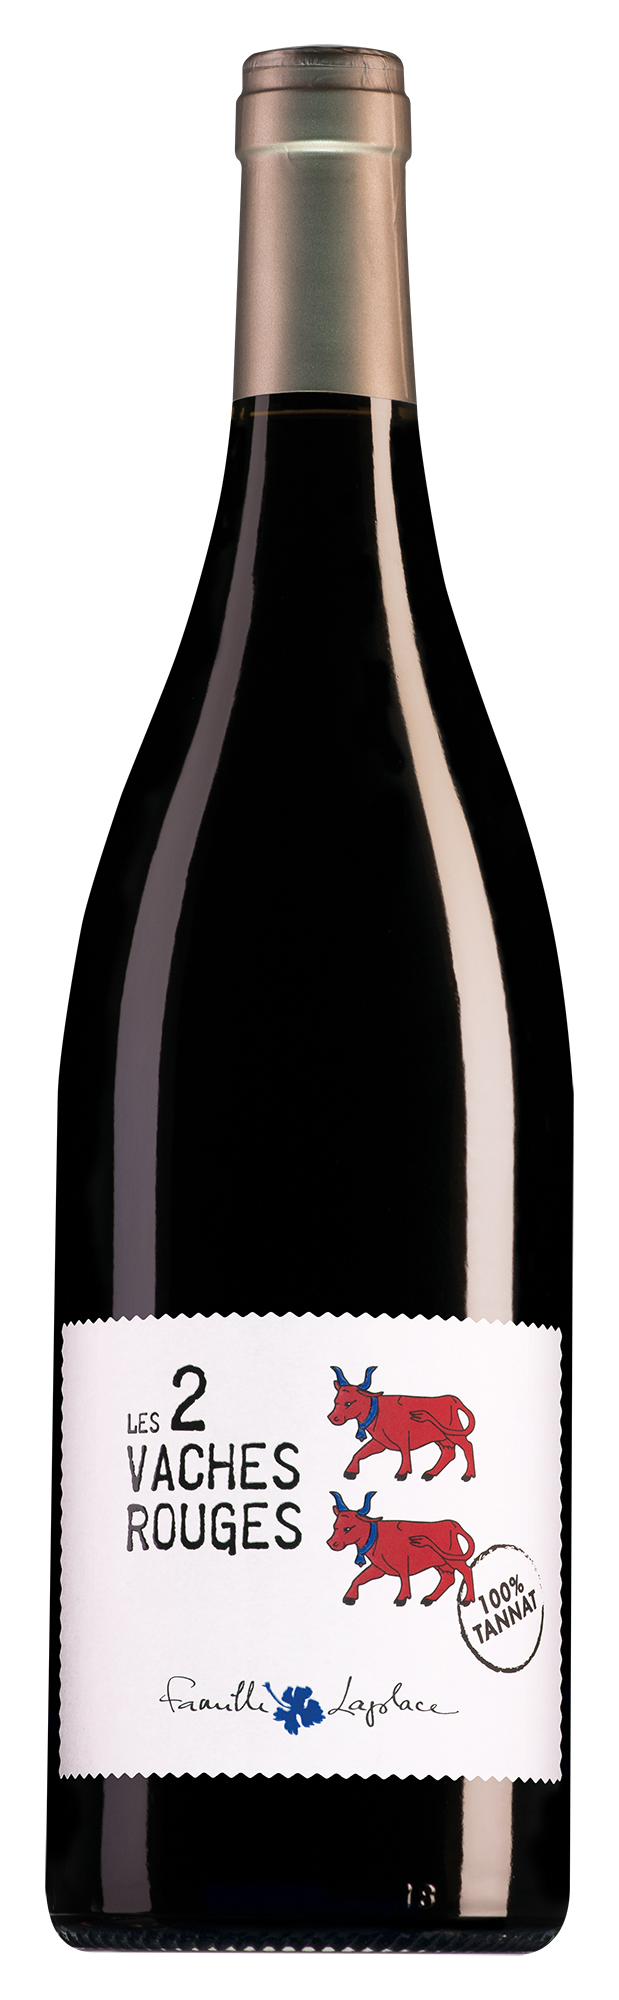 Famille Laplace Vin de France Les 2 Vaches Rouges Tannat